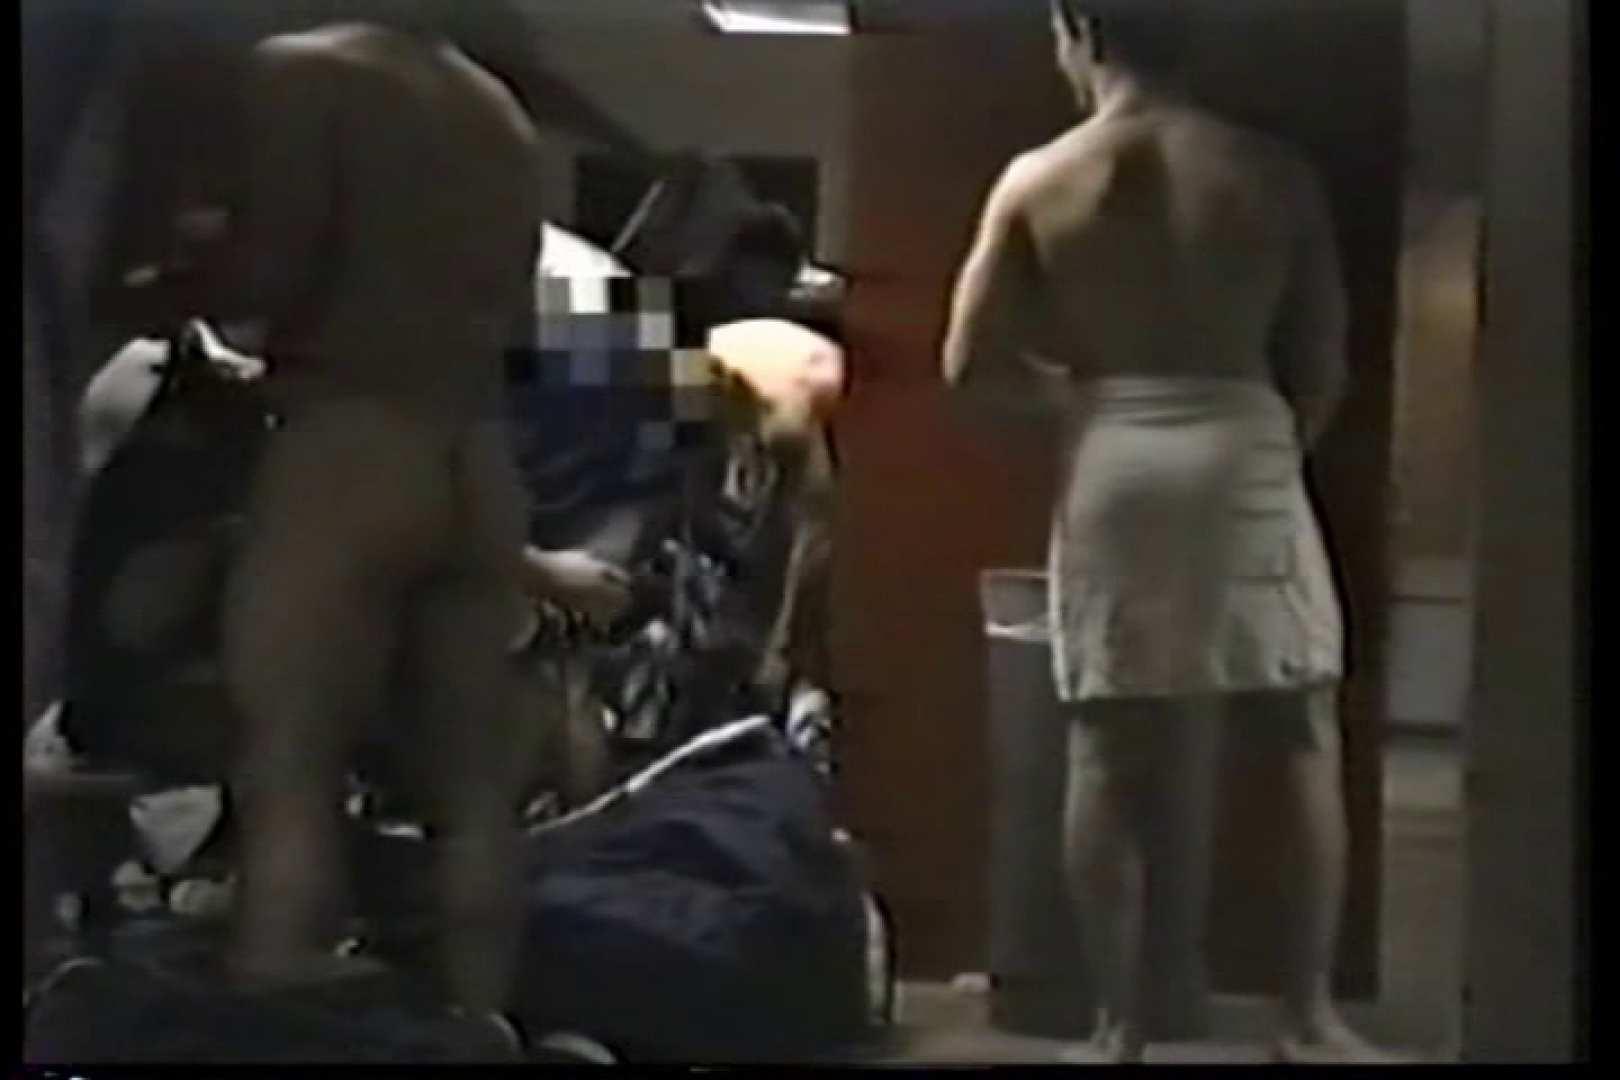 洋人さんの脱衣所を覗いてみました。VOL.3 0   のぞき特集  92枚 25